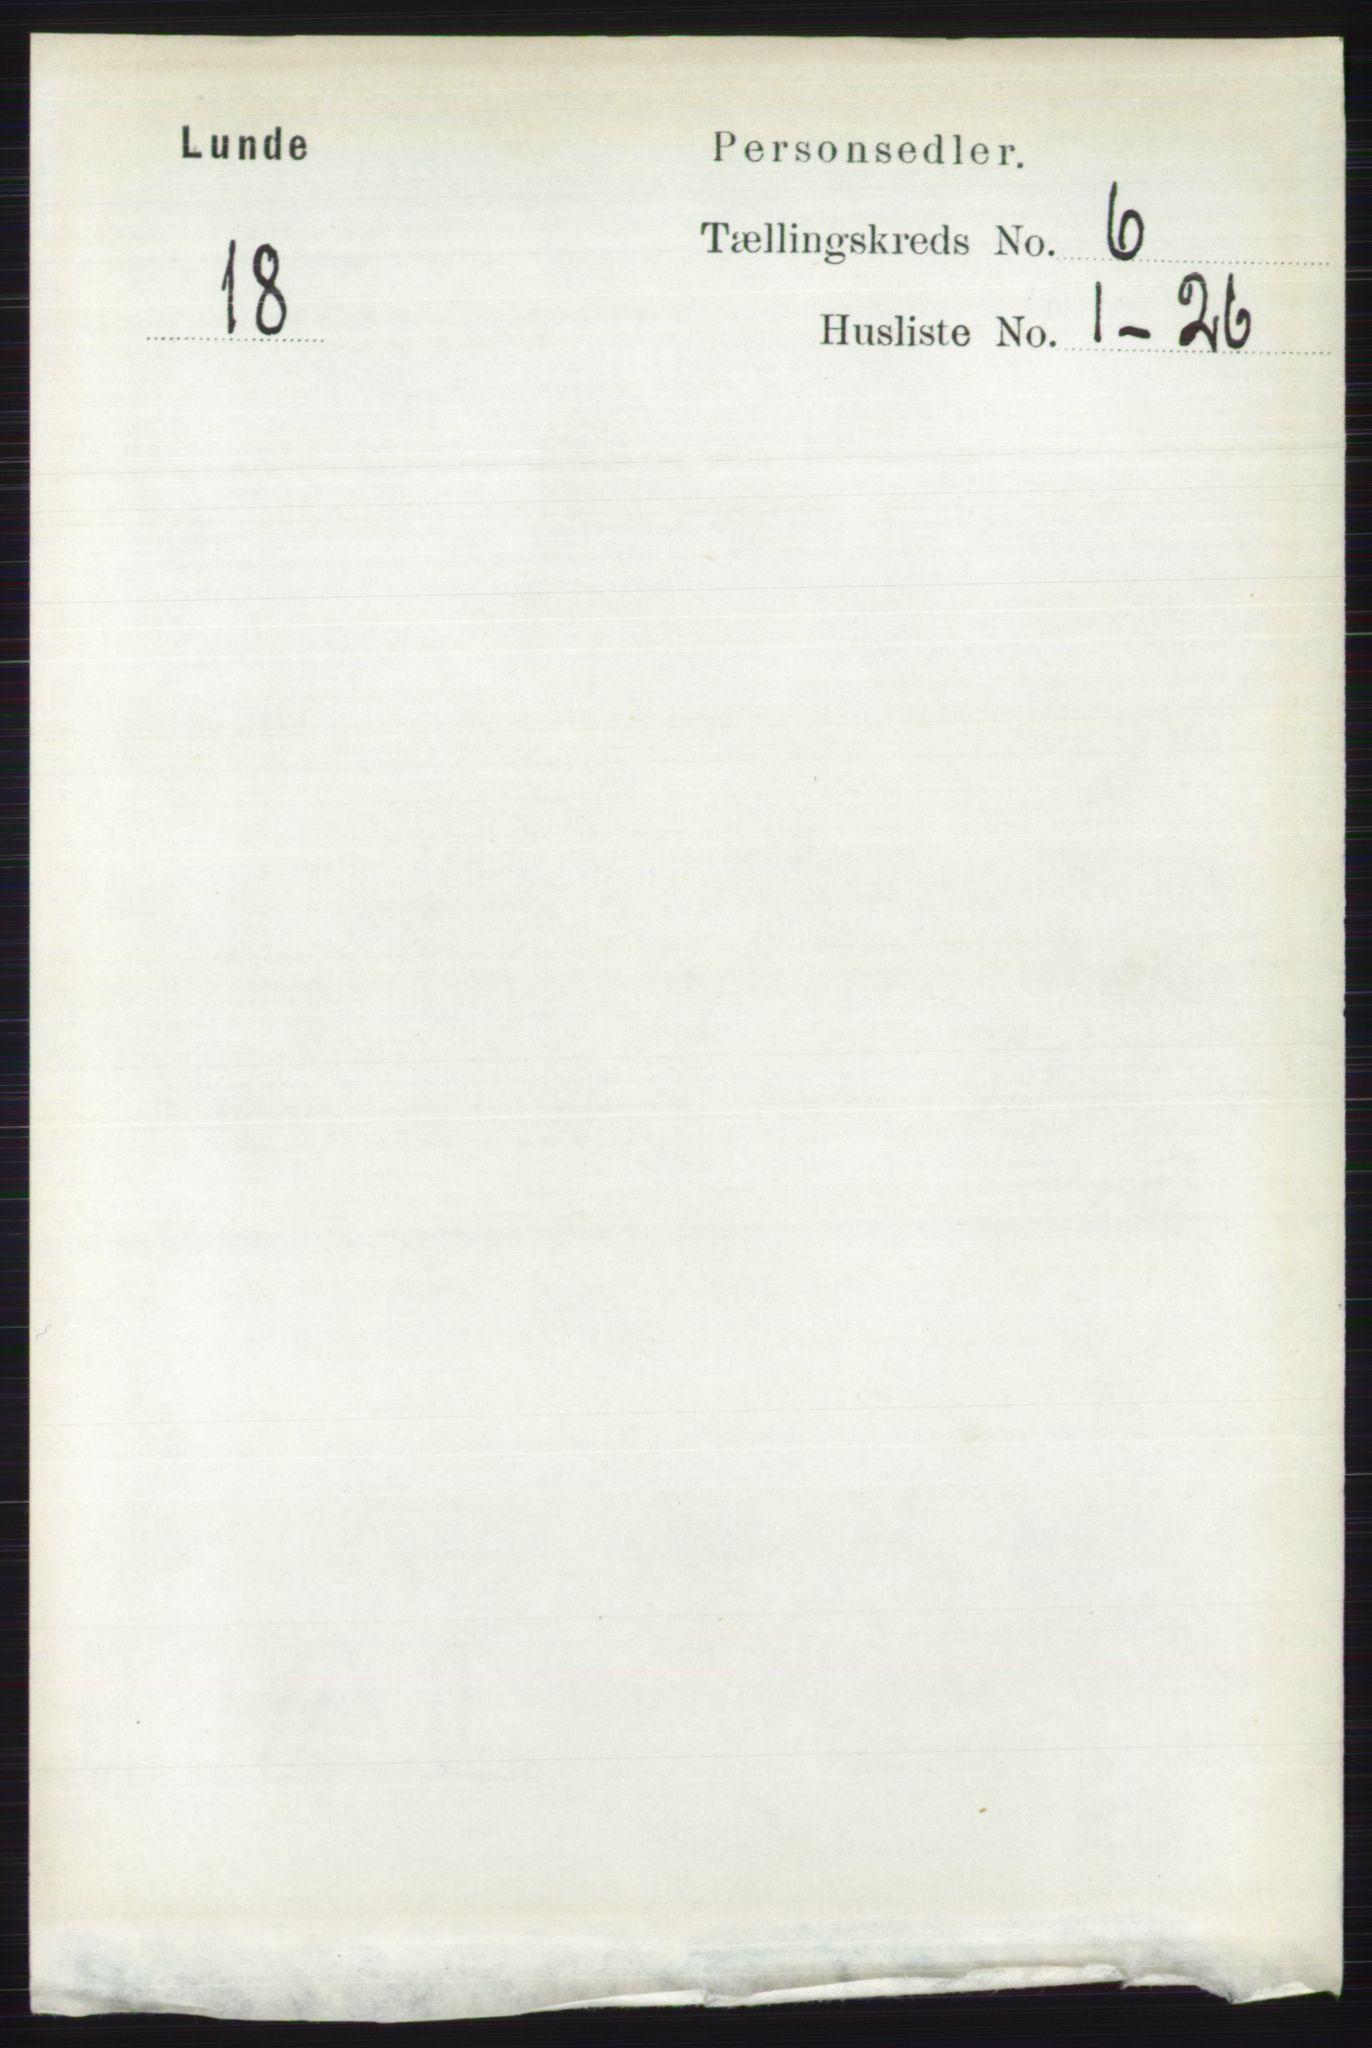 RA, Folketelling 1891 for 0820 Lunde herred, 1891, s. 2031